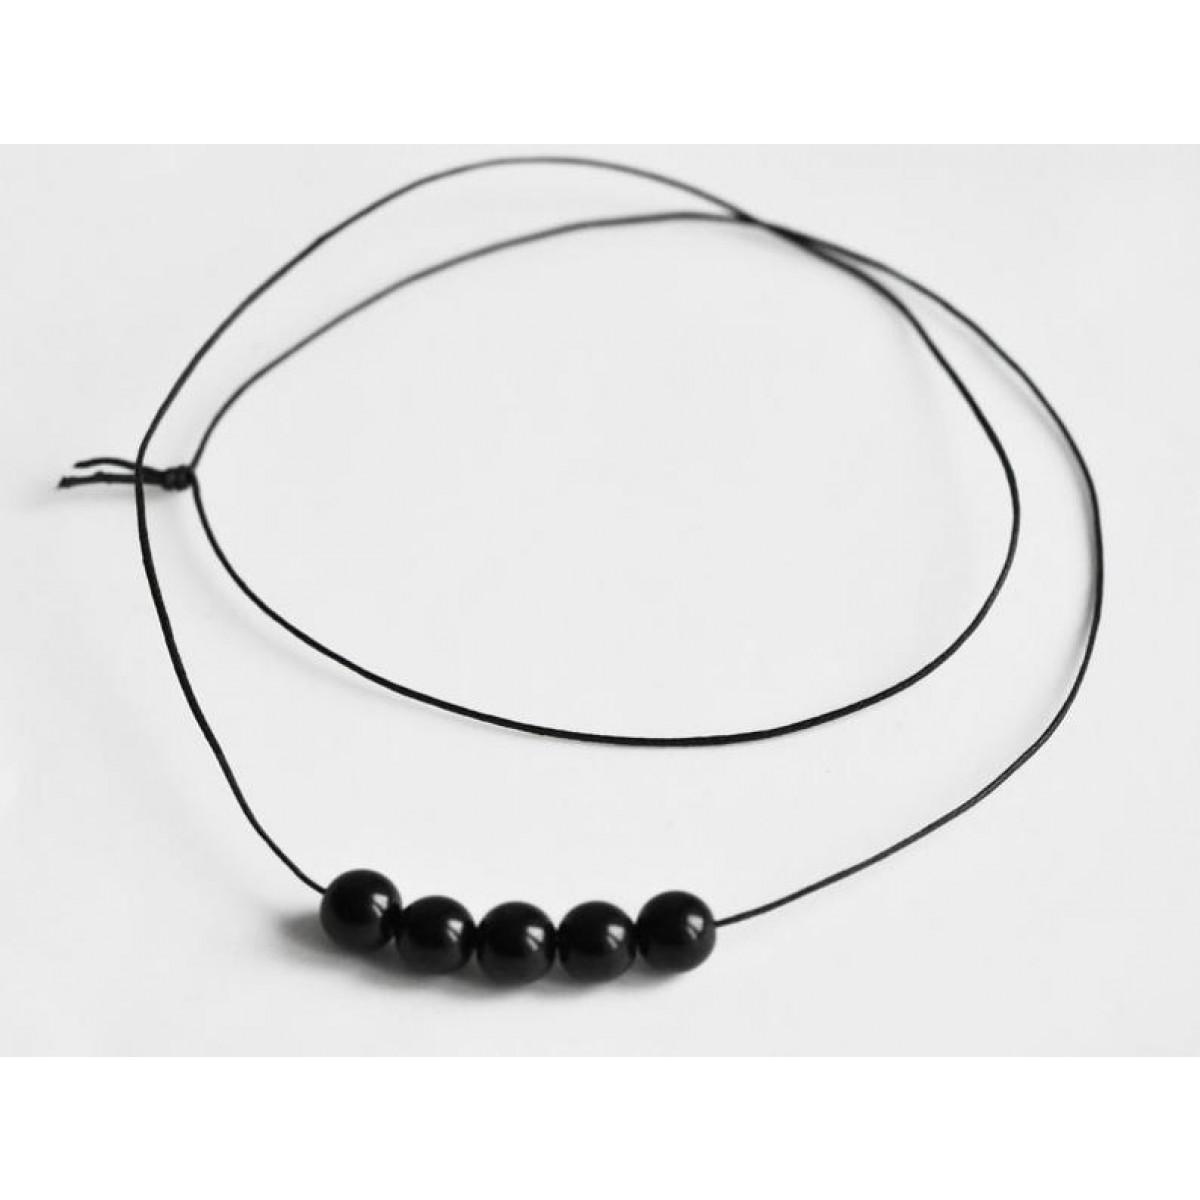 nahili Kette black & round mit schwarzen böhmischen Glasperlen